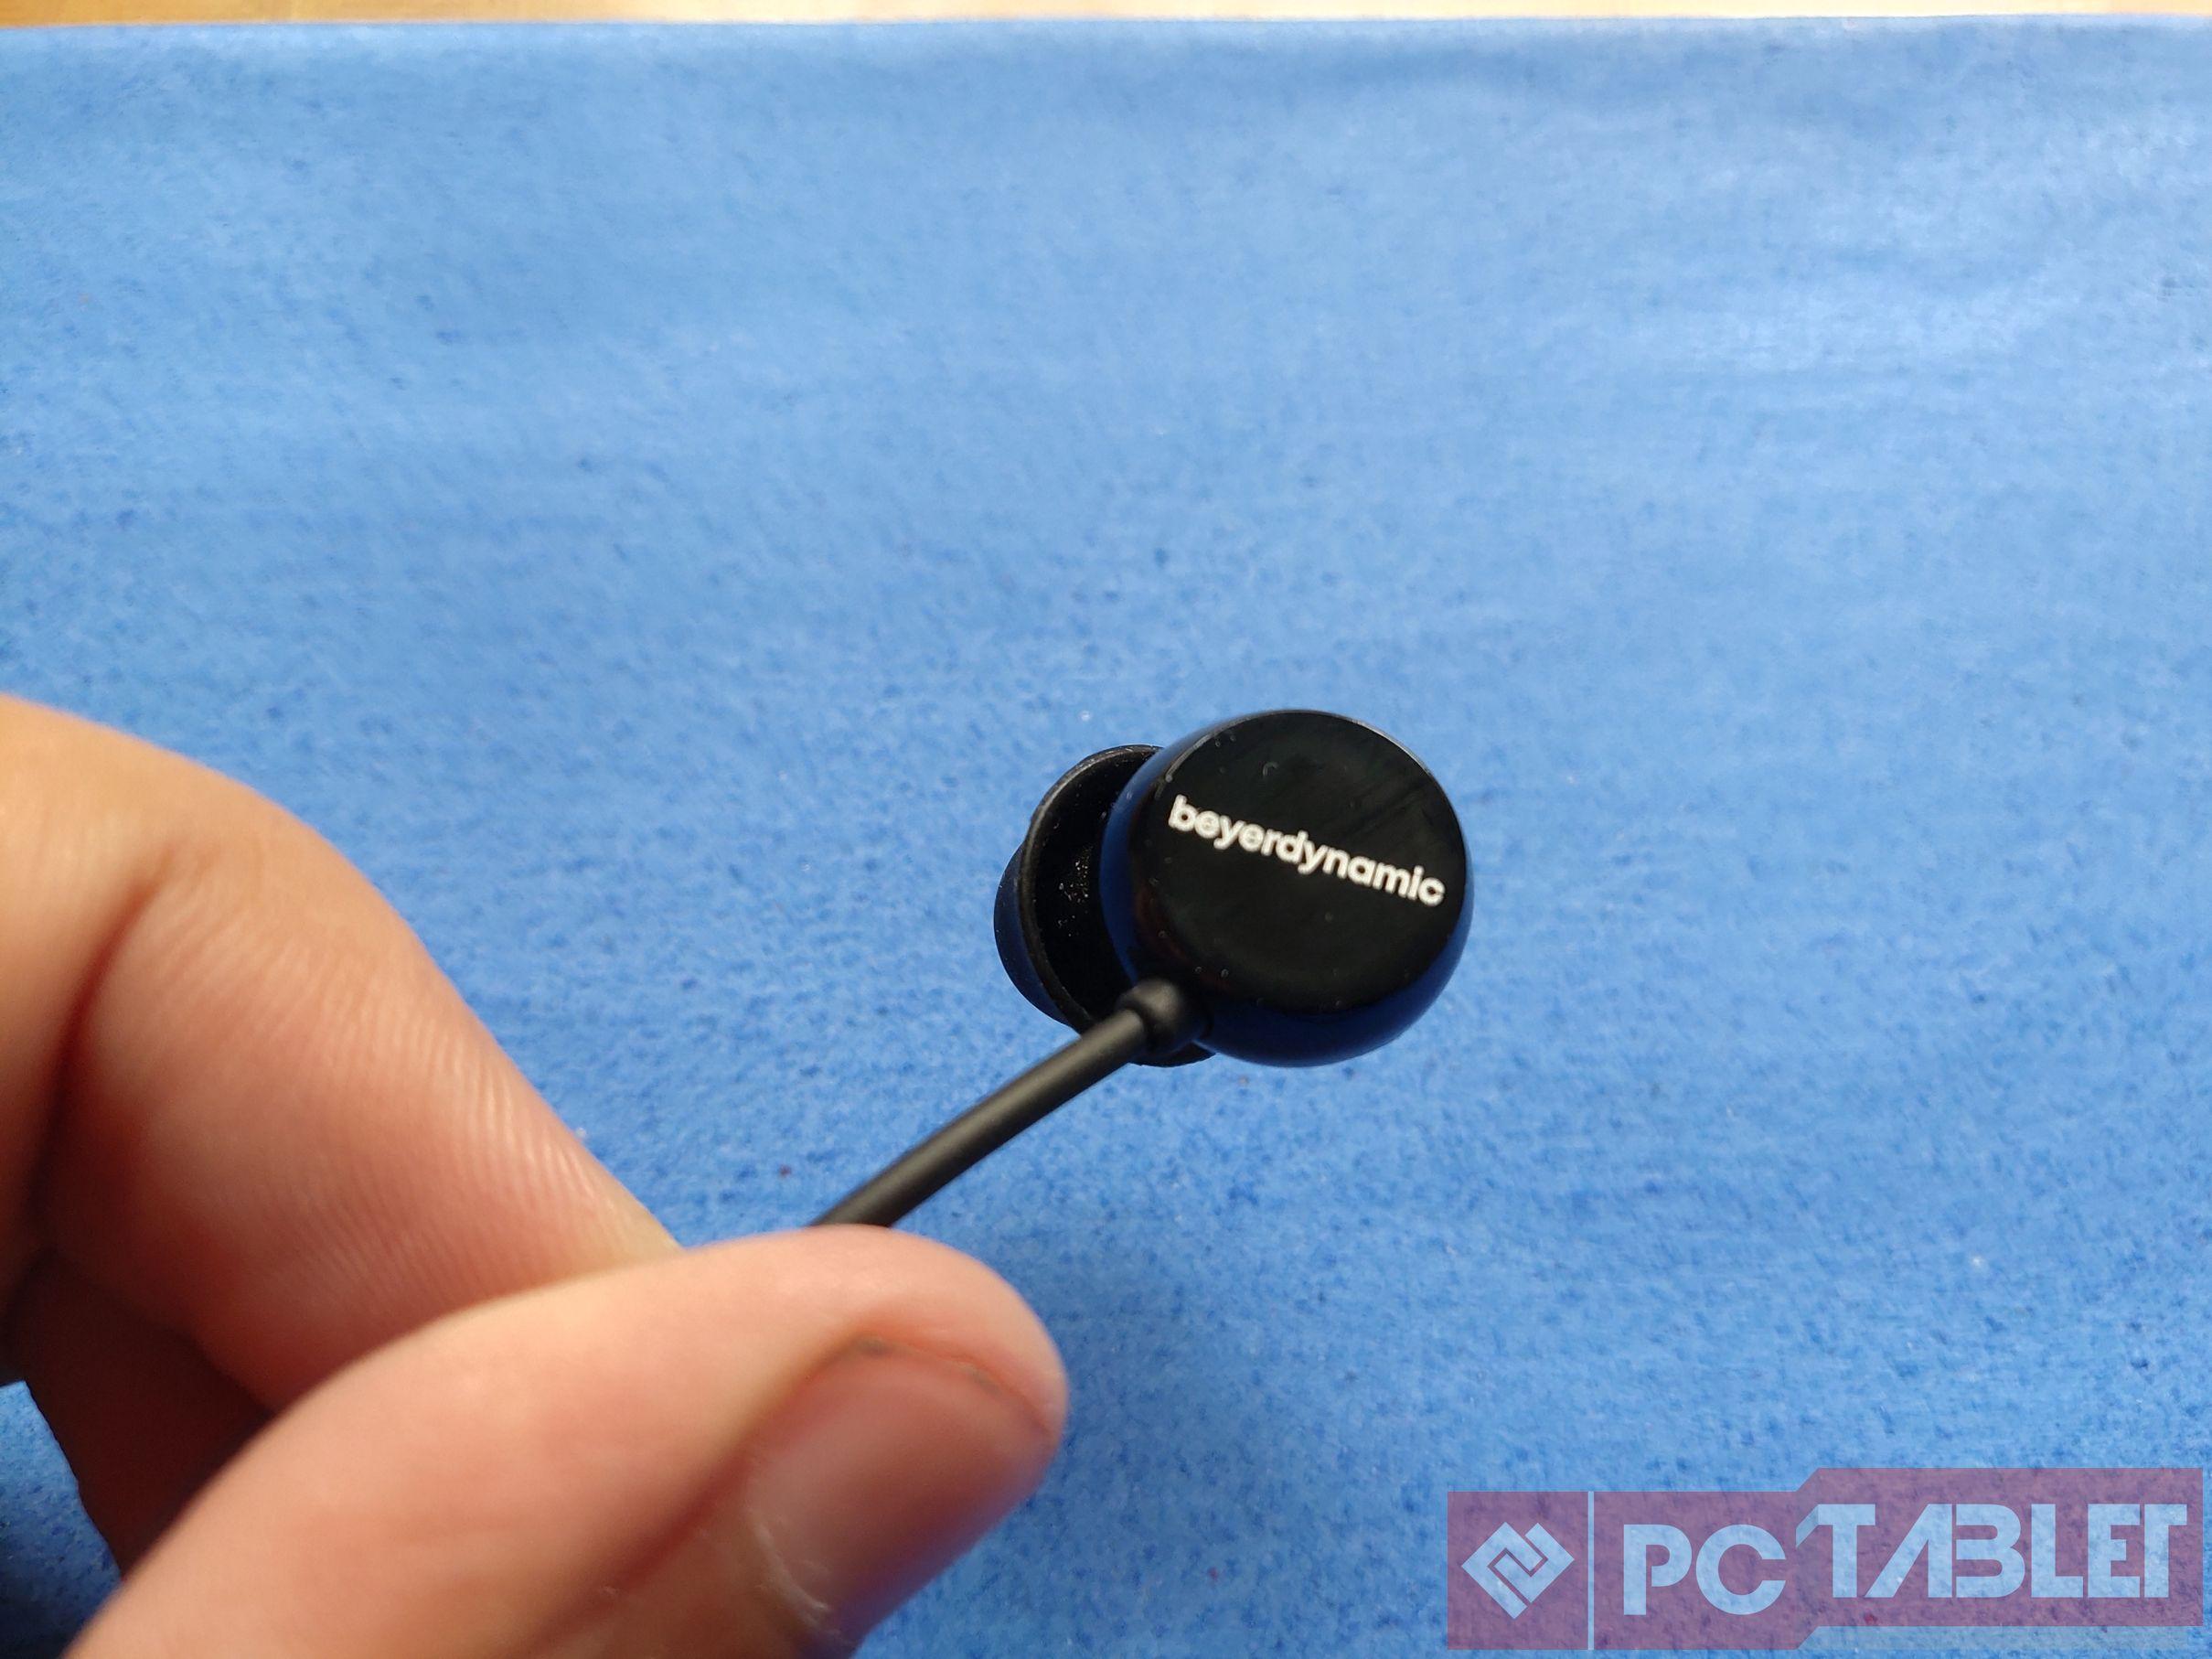 Beyerdynamic beat byrd earphones 4